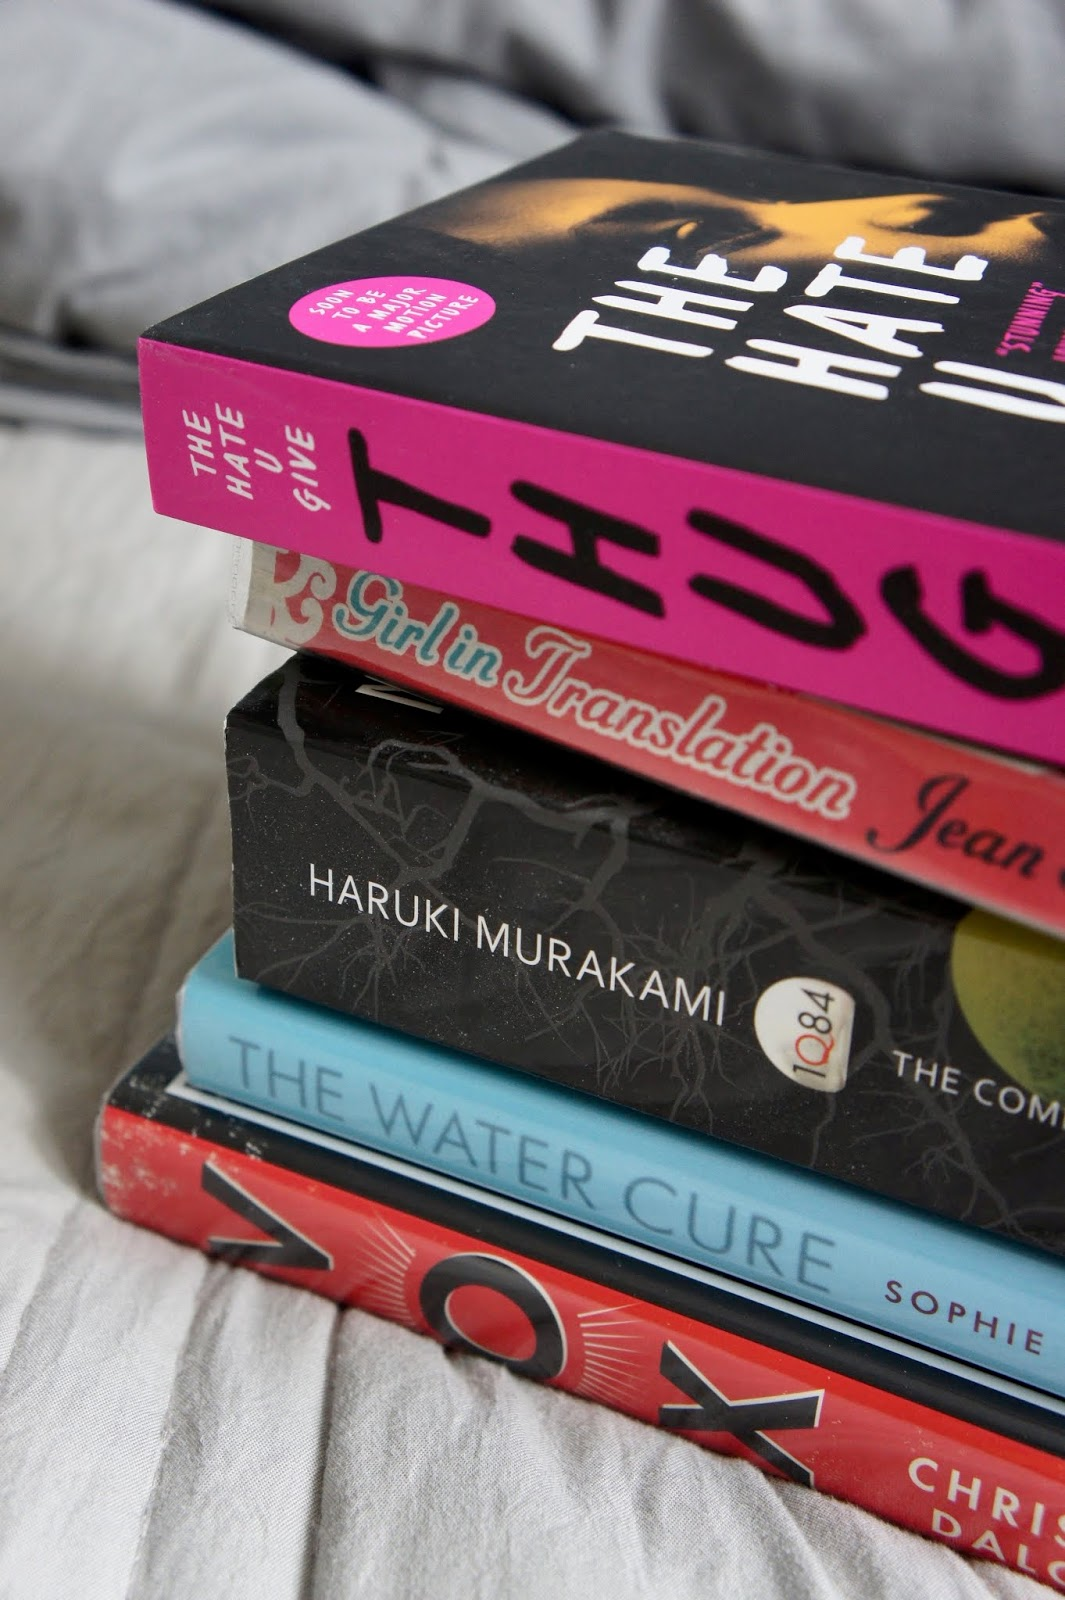 blogger's bookshelf bookstack tbr